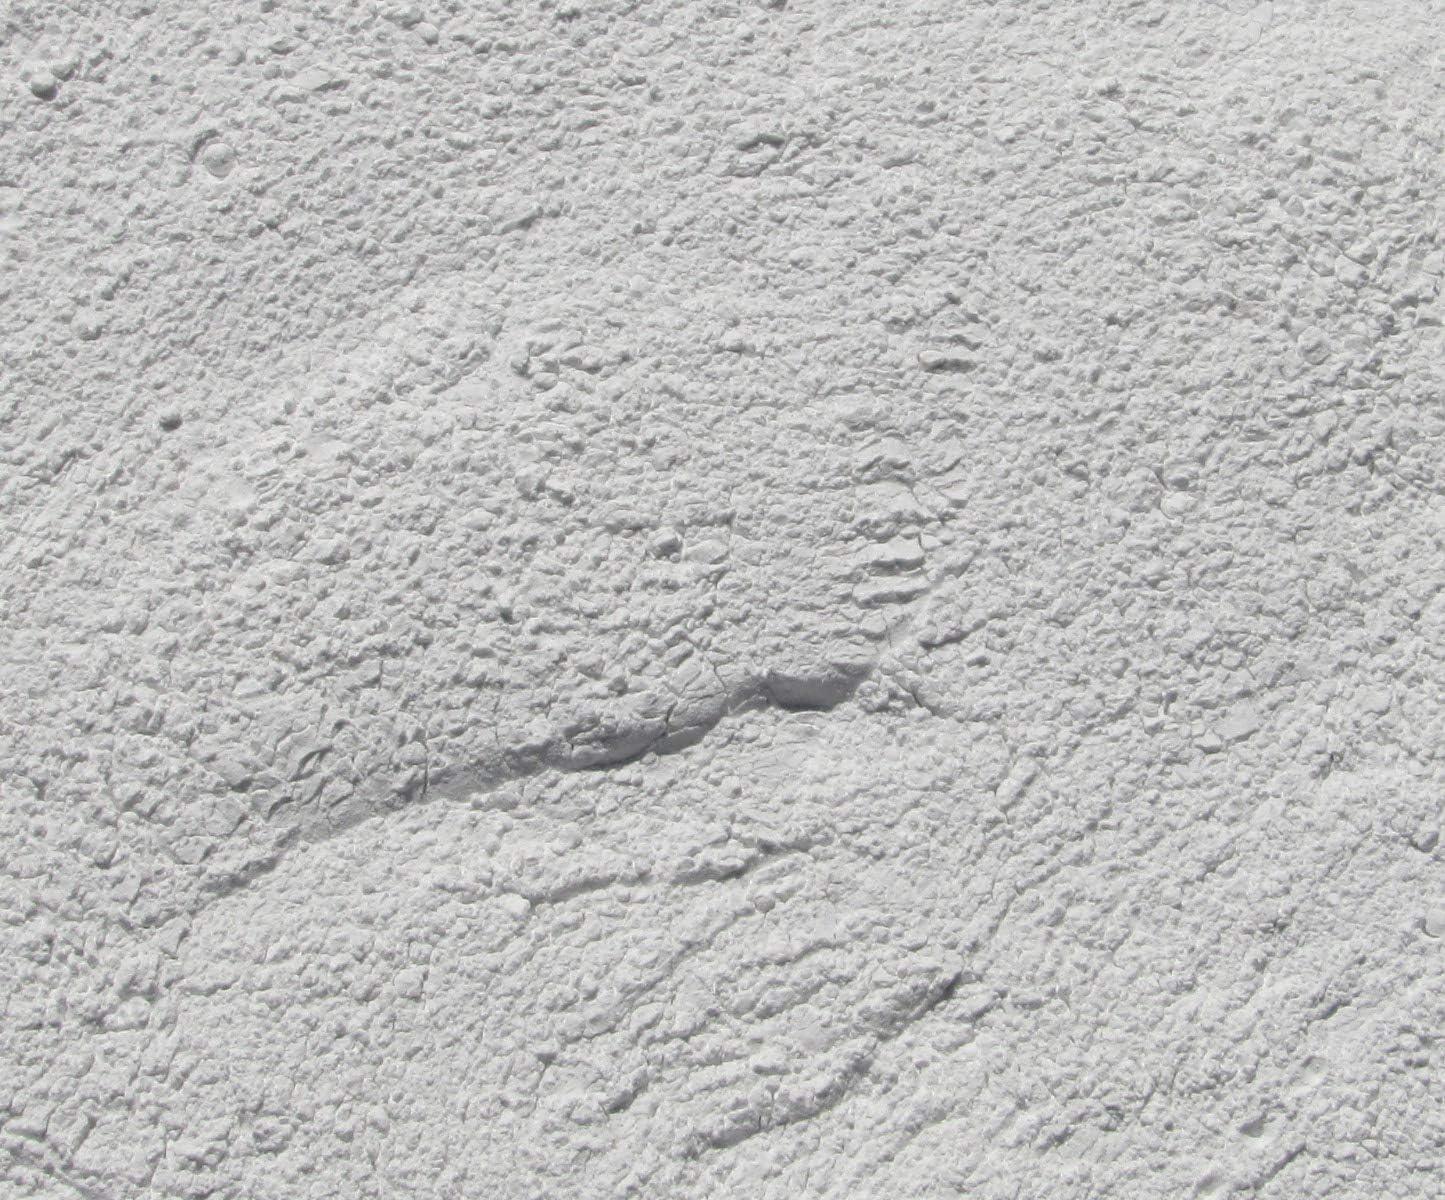 4 Lb Final Polish Aluminium Oxide Rotary Vibratory Rock Tumbler Tumbling Polishing Powder Abrasive Grit 1200 Grit